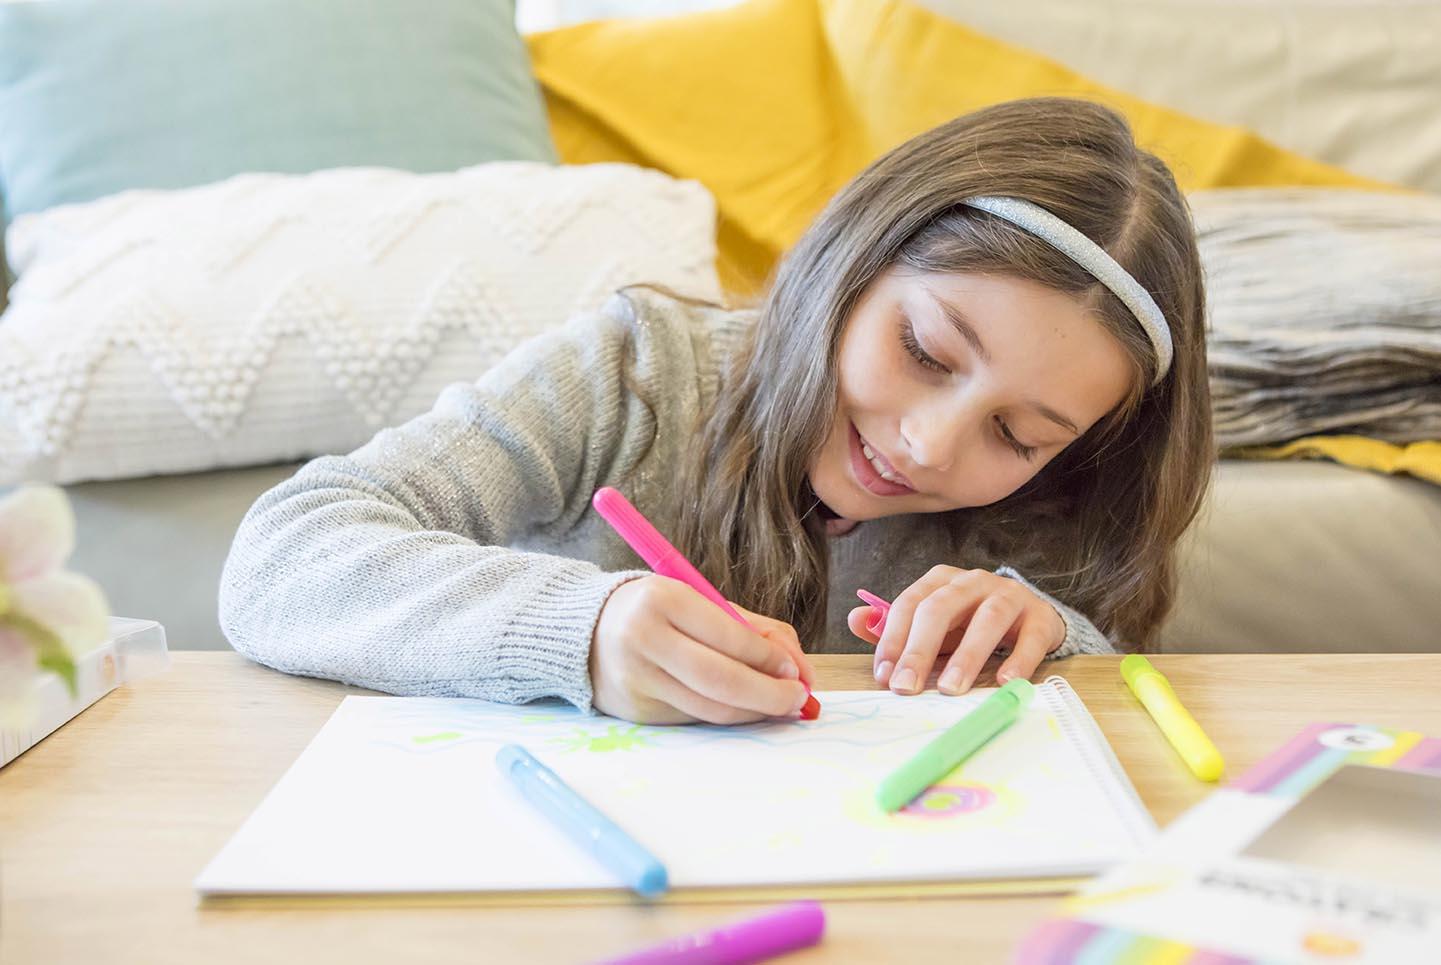 Neon Gel Crayons - LS - 067 -IMG_8492-HR